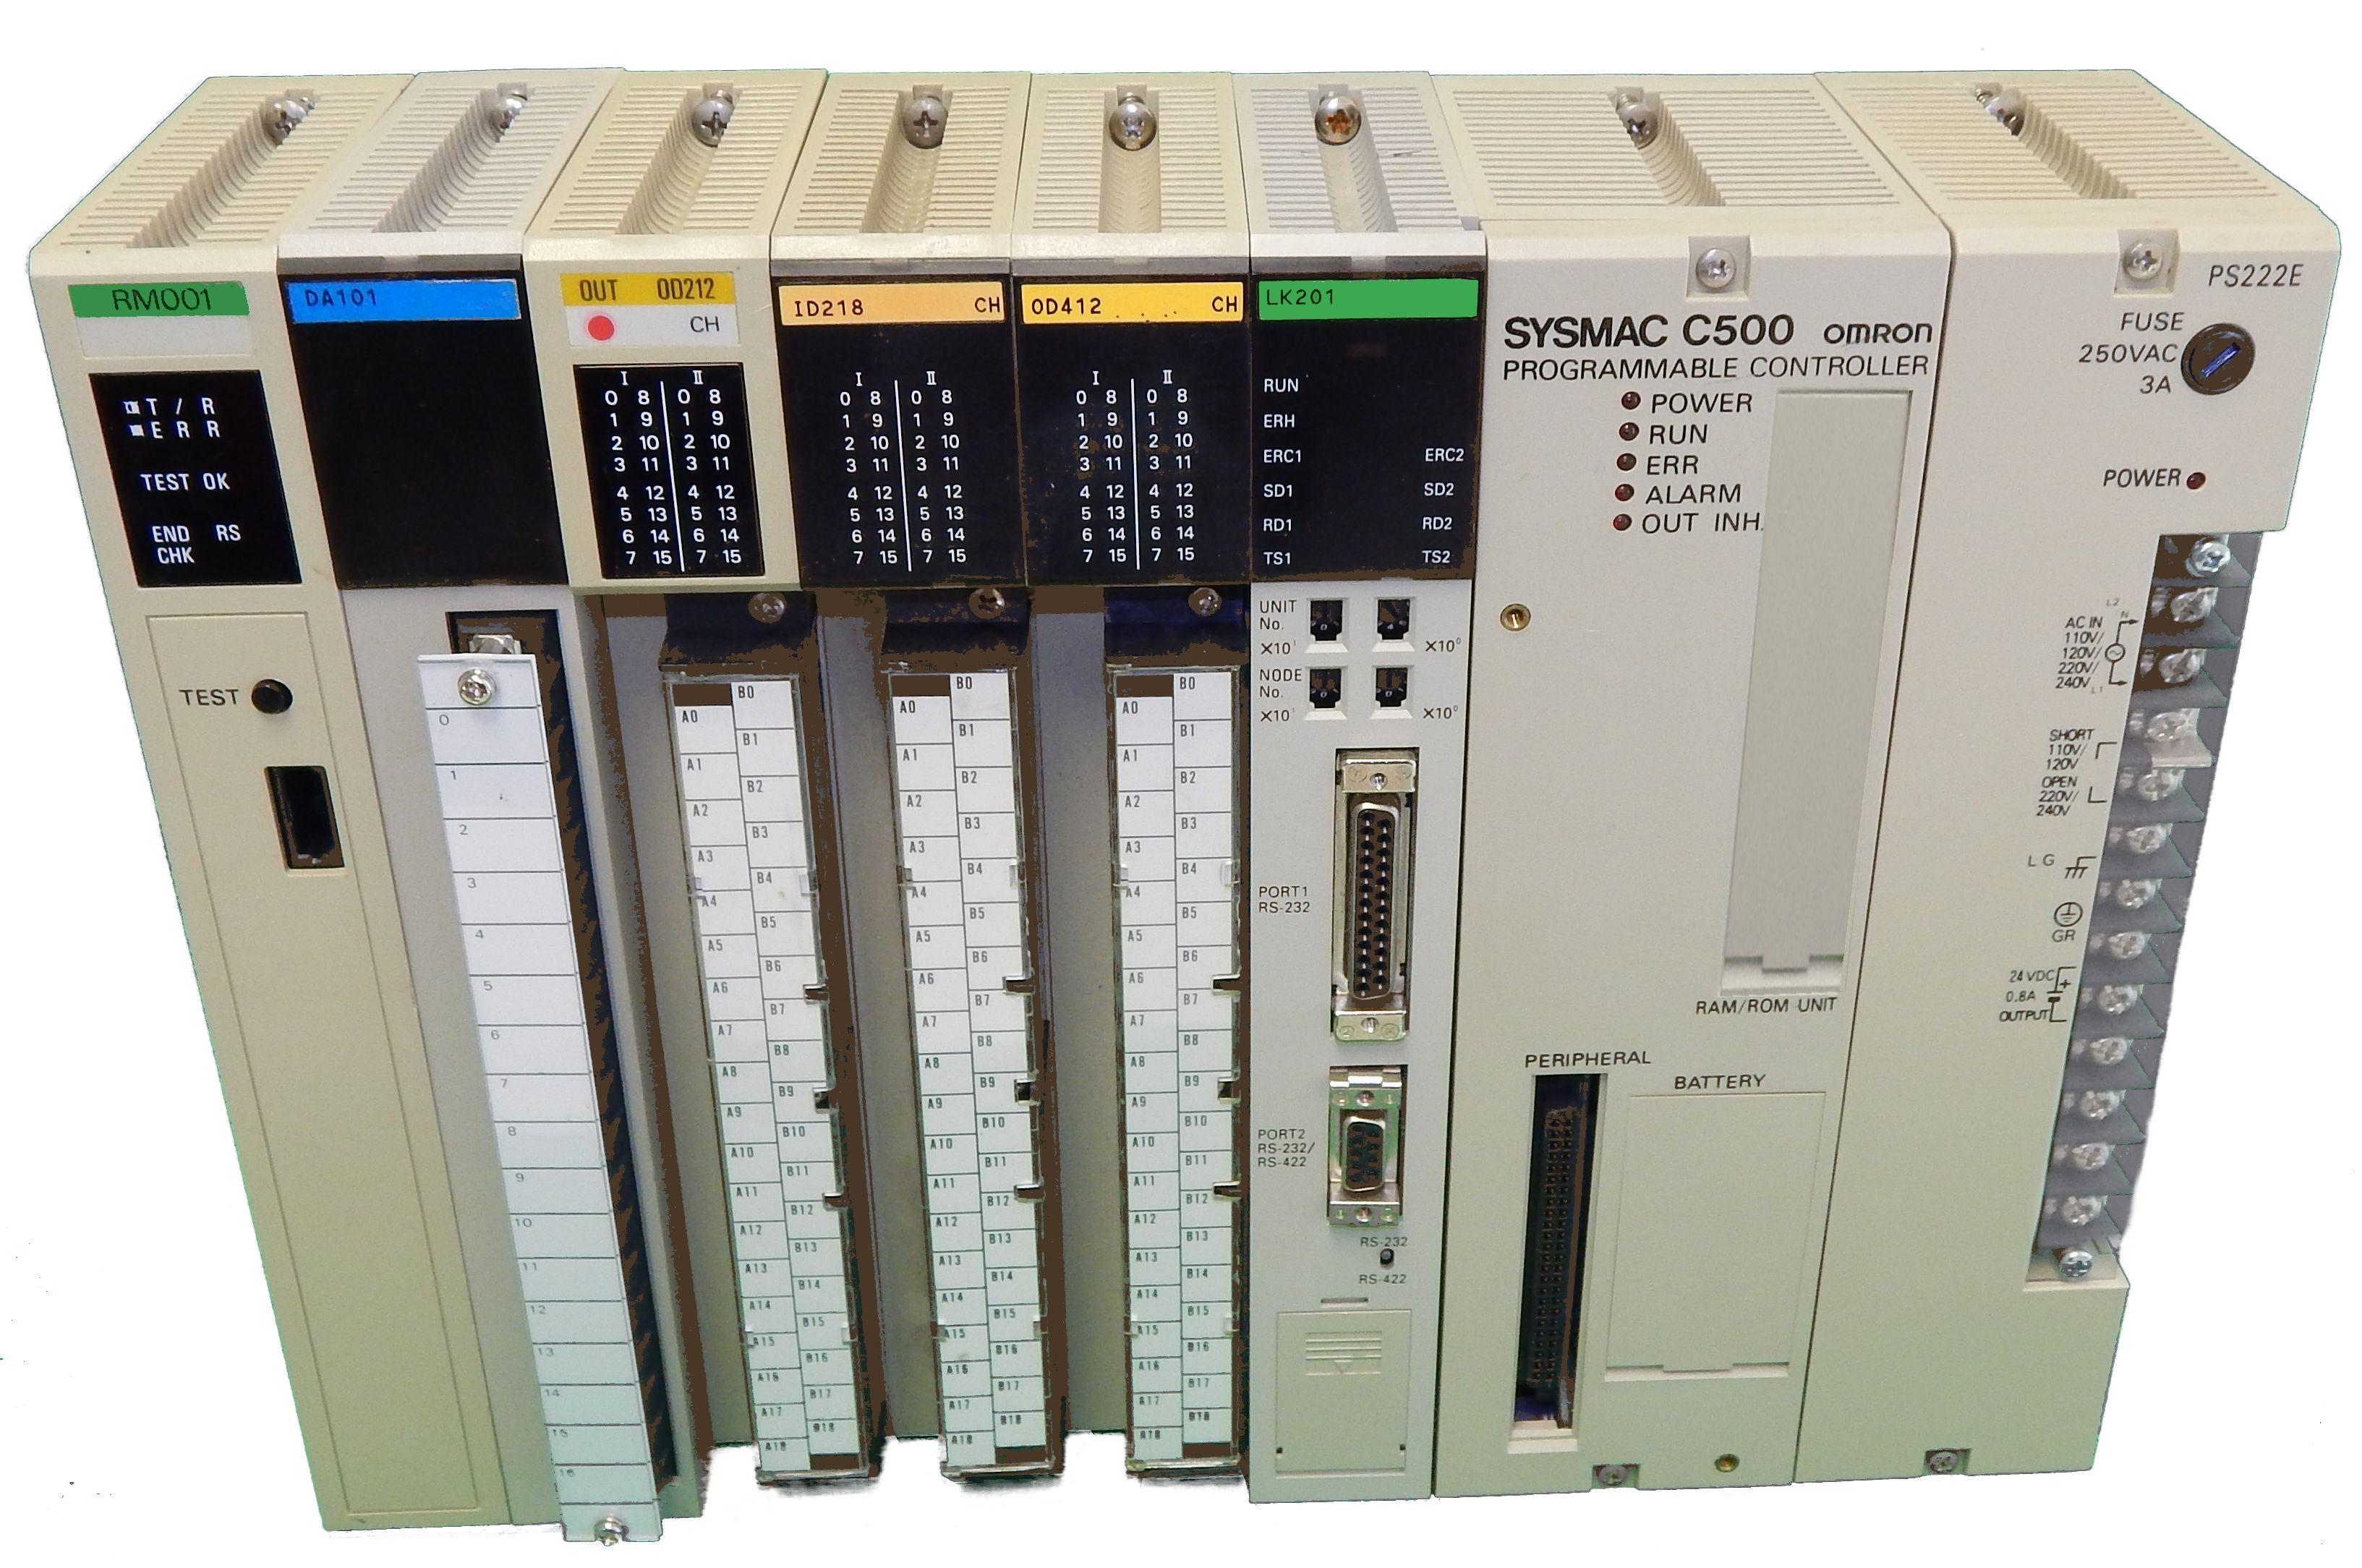 3G2A5-CPU11-EV1